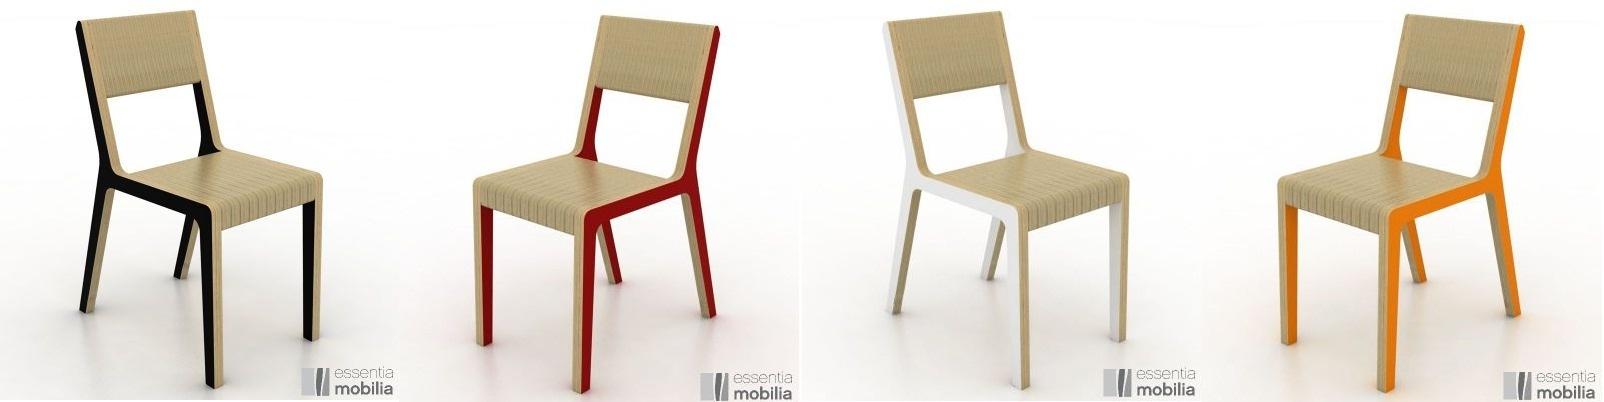 chaises colorées au design épuré en bois confortable